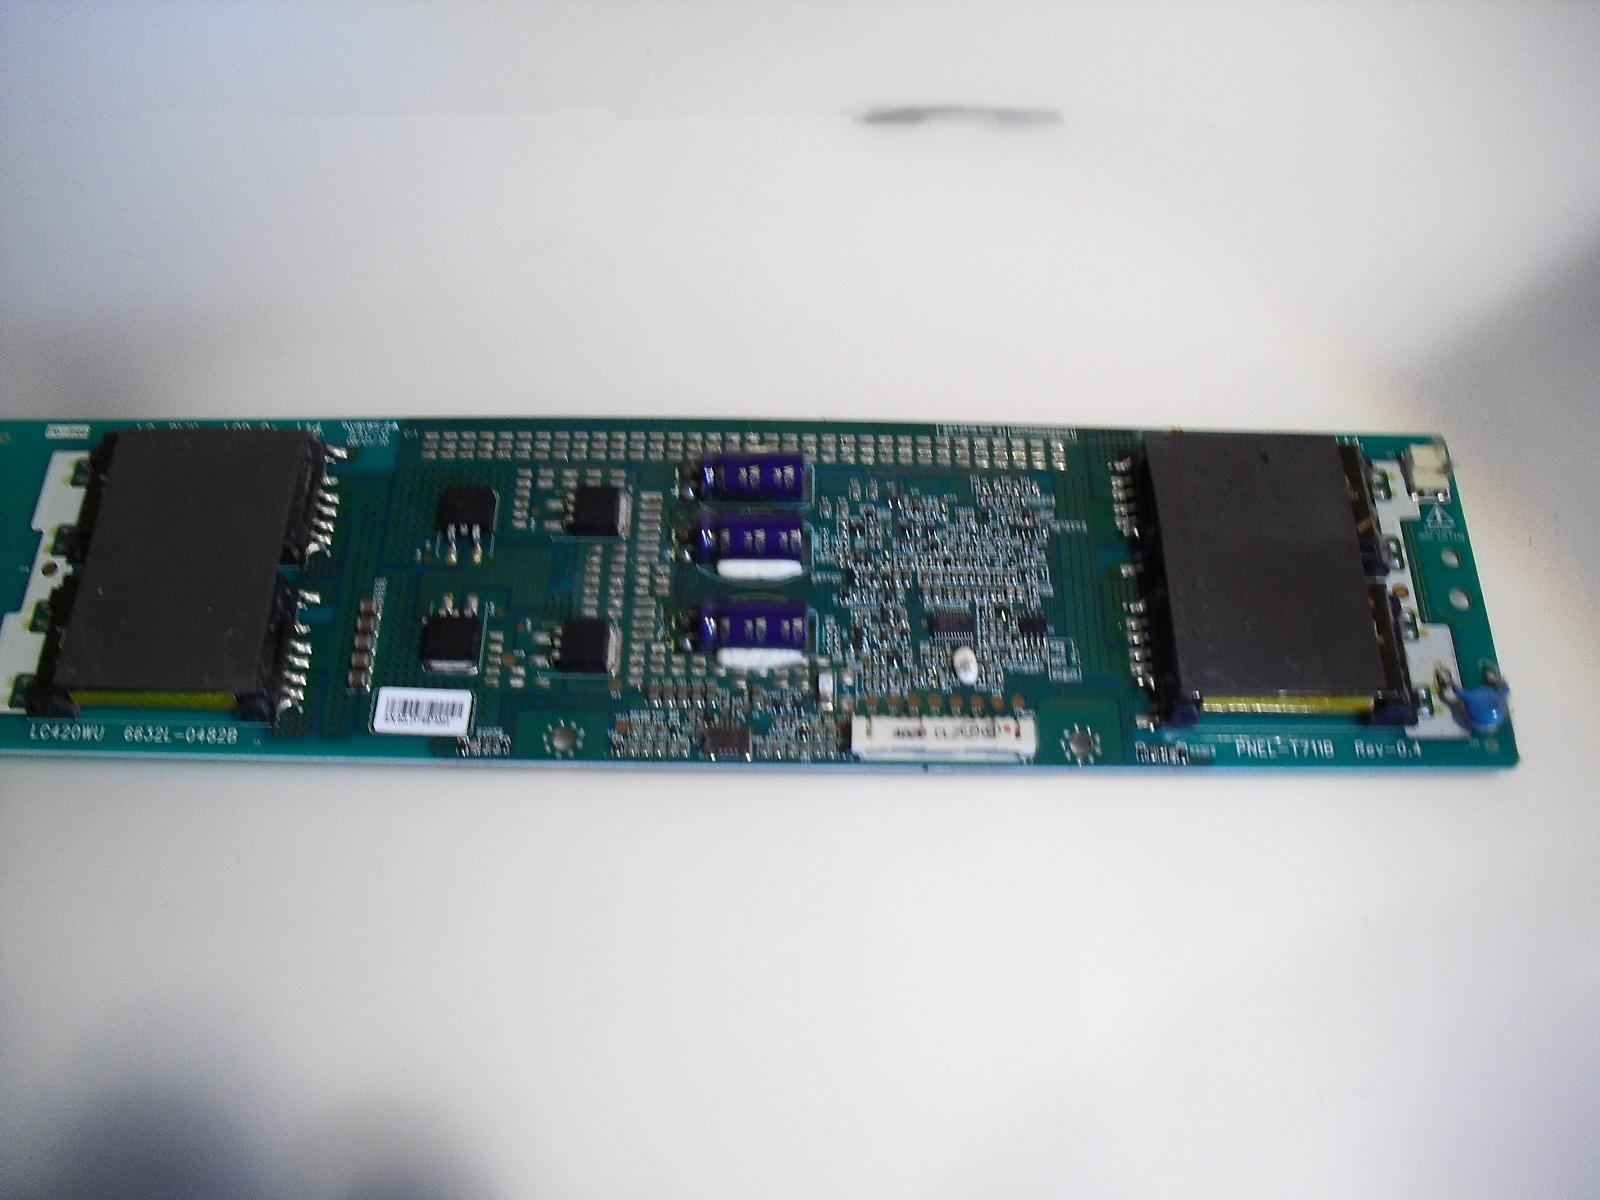 6632L0482b    inverer  board   for   vizio   sv420xvt1a - $18.99